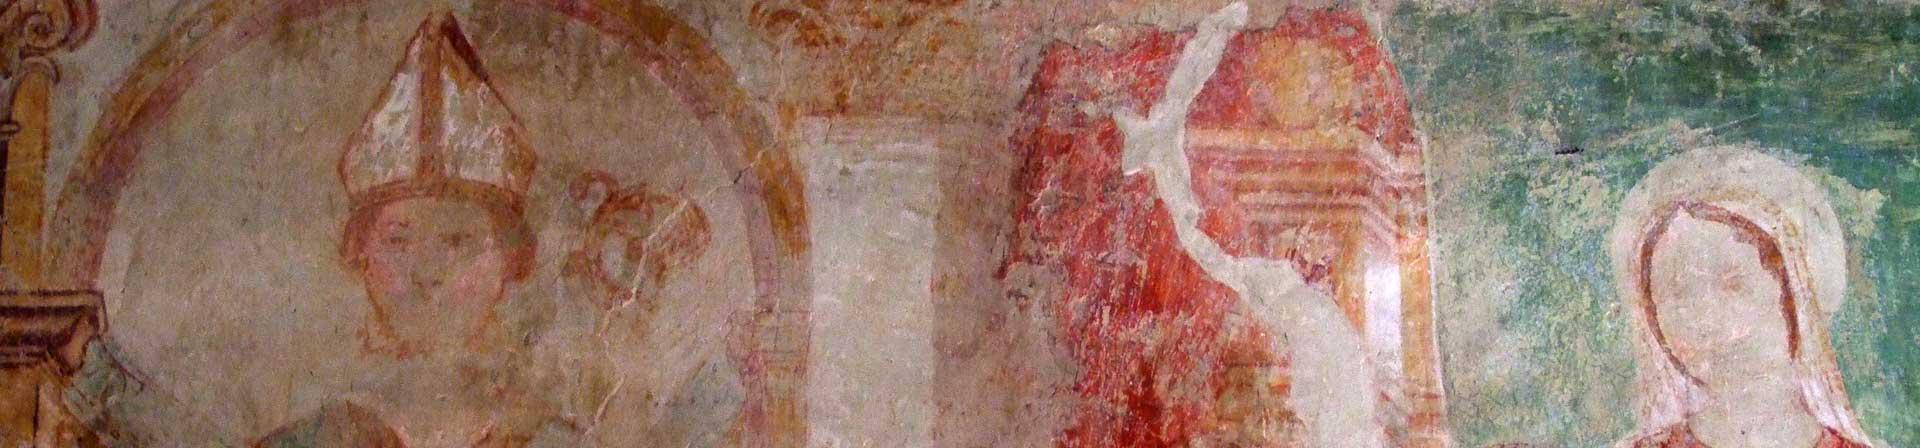 Chiese Sacile - Fossabiuba madonna con bambino e vescovo